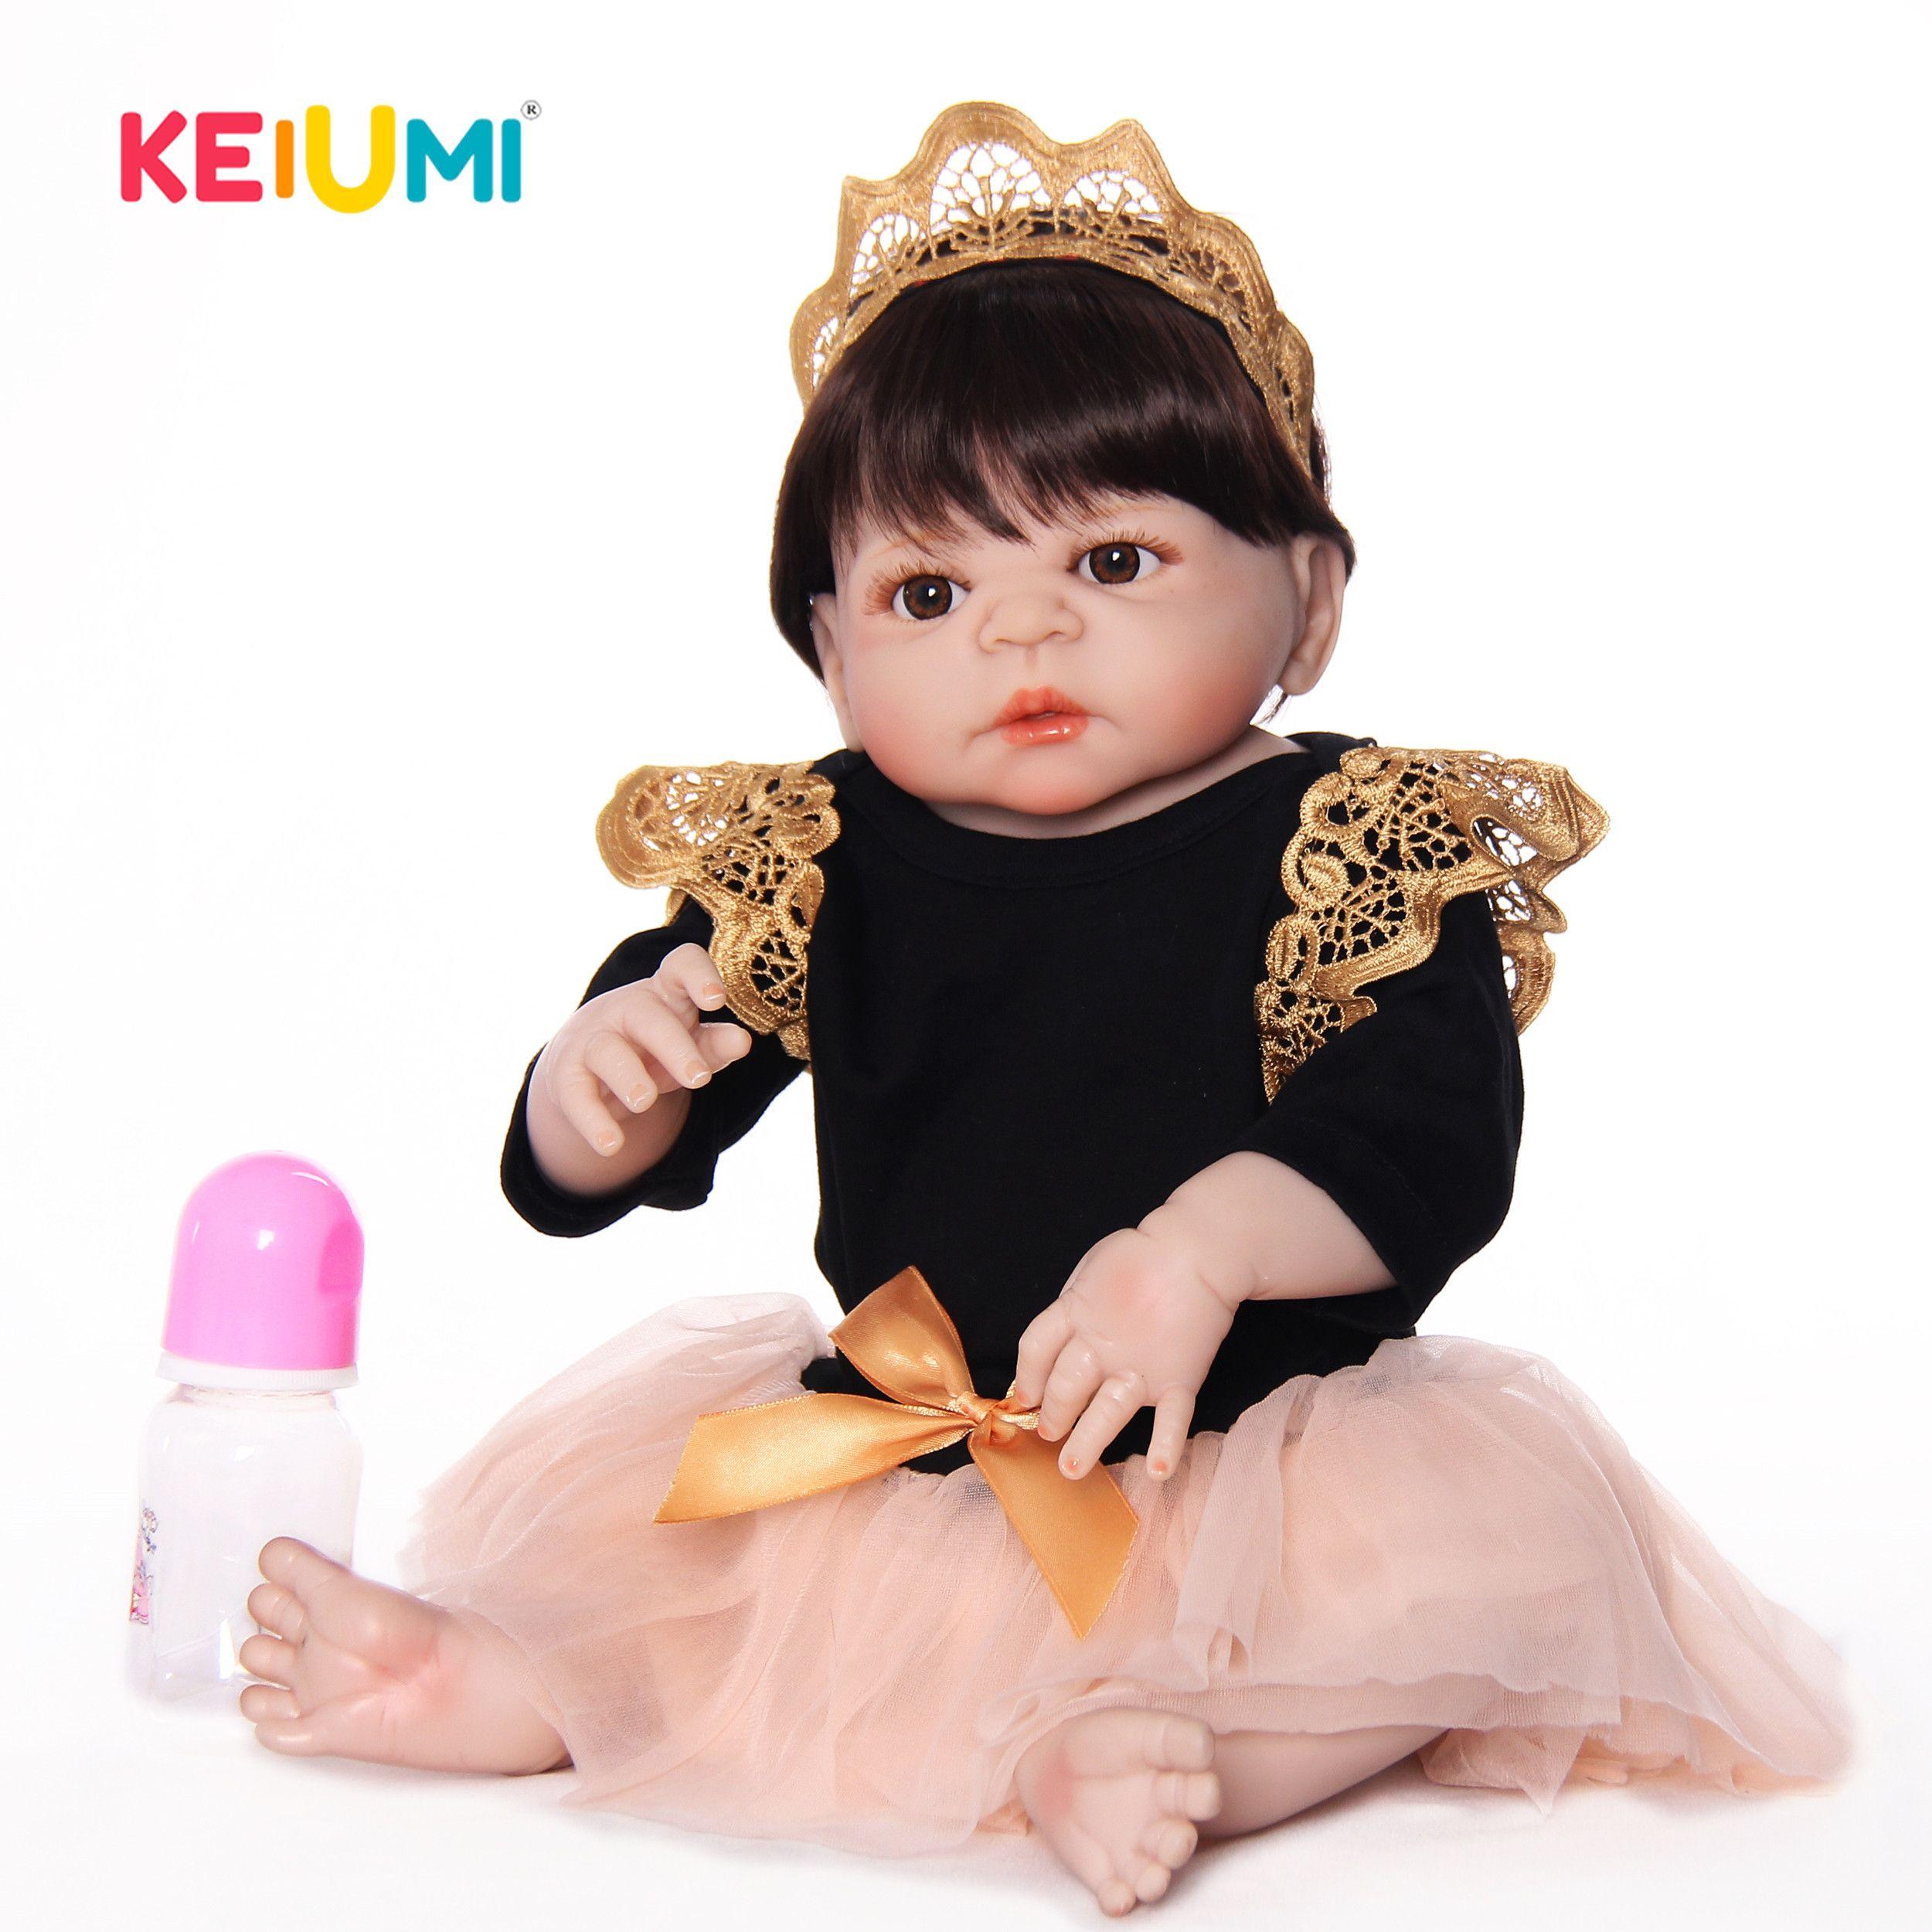 أحدث دمى أطفال متجددة من طراز 23 بوصة سيليكون فينيل مصنوعة يدويا دمية الأميرة المولودة حديثا للأطفال للبيع هدايا عيد الميلاد MX200414